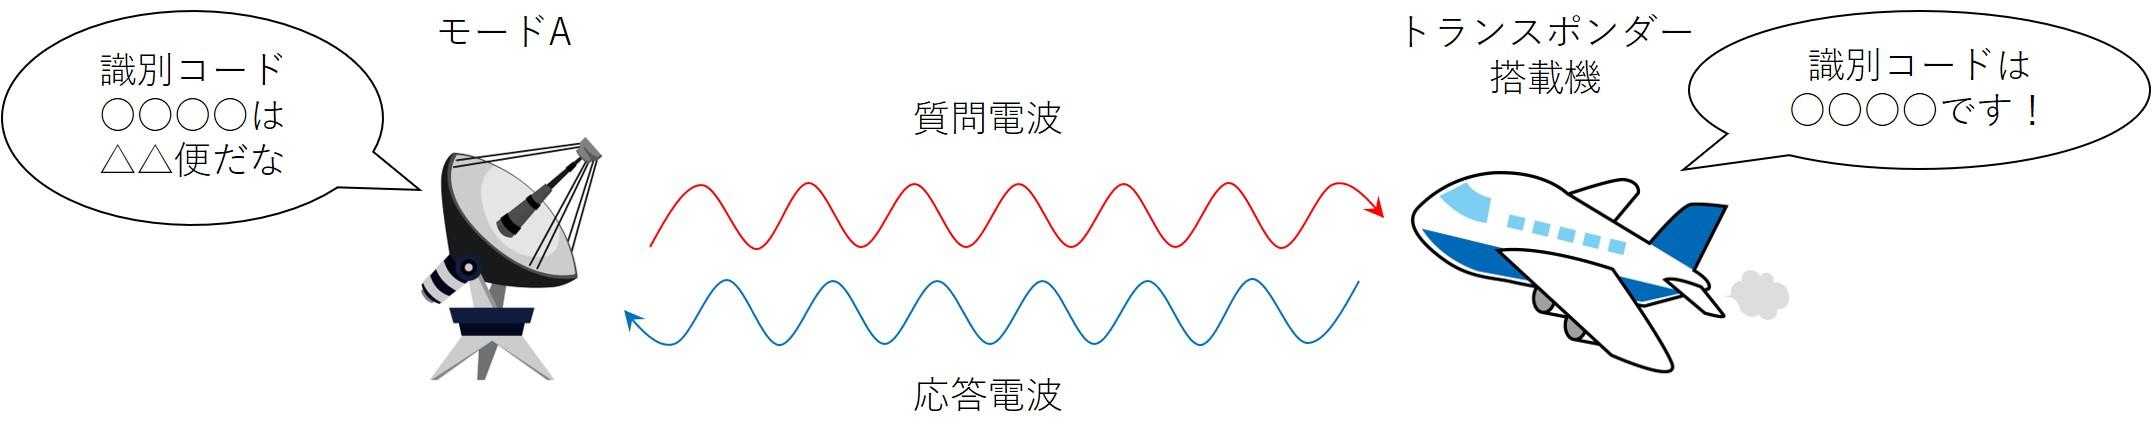 モードA機能のイメージ